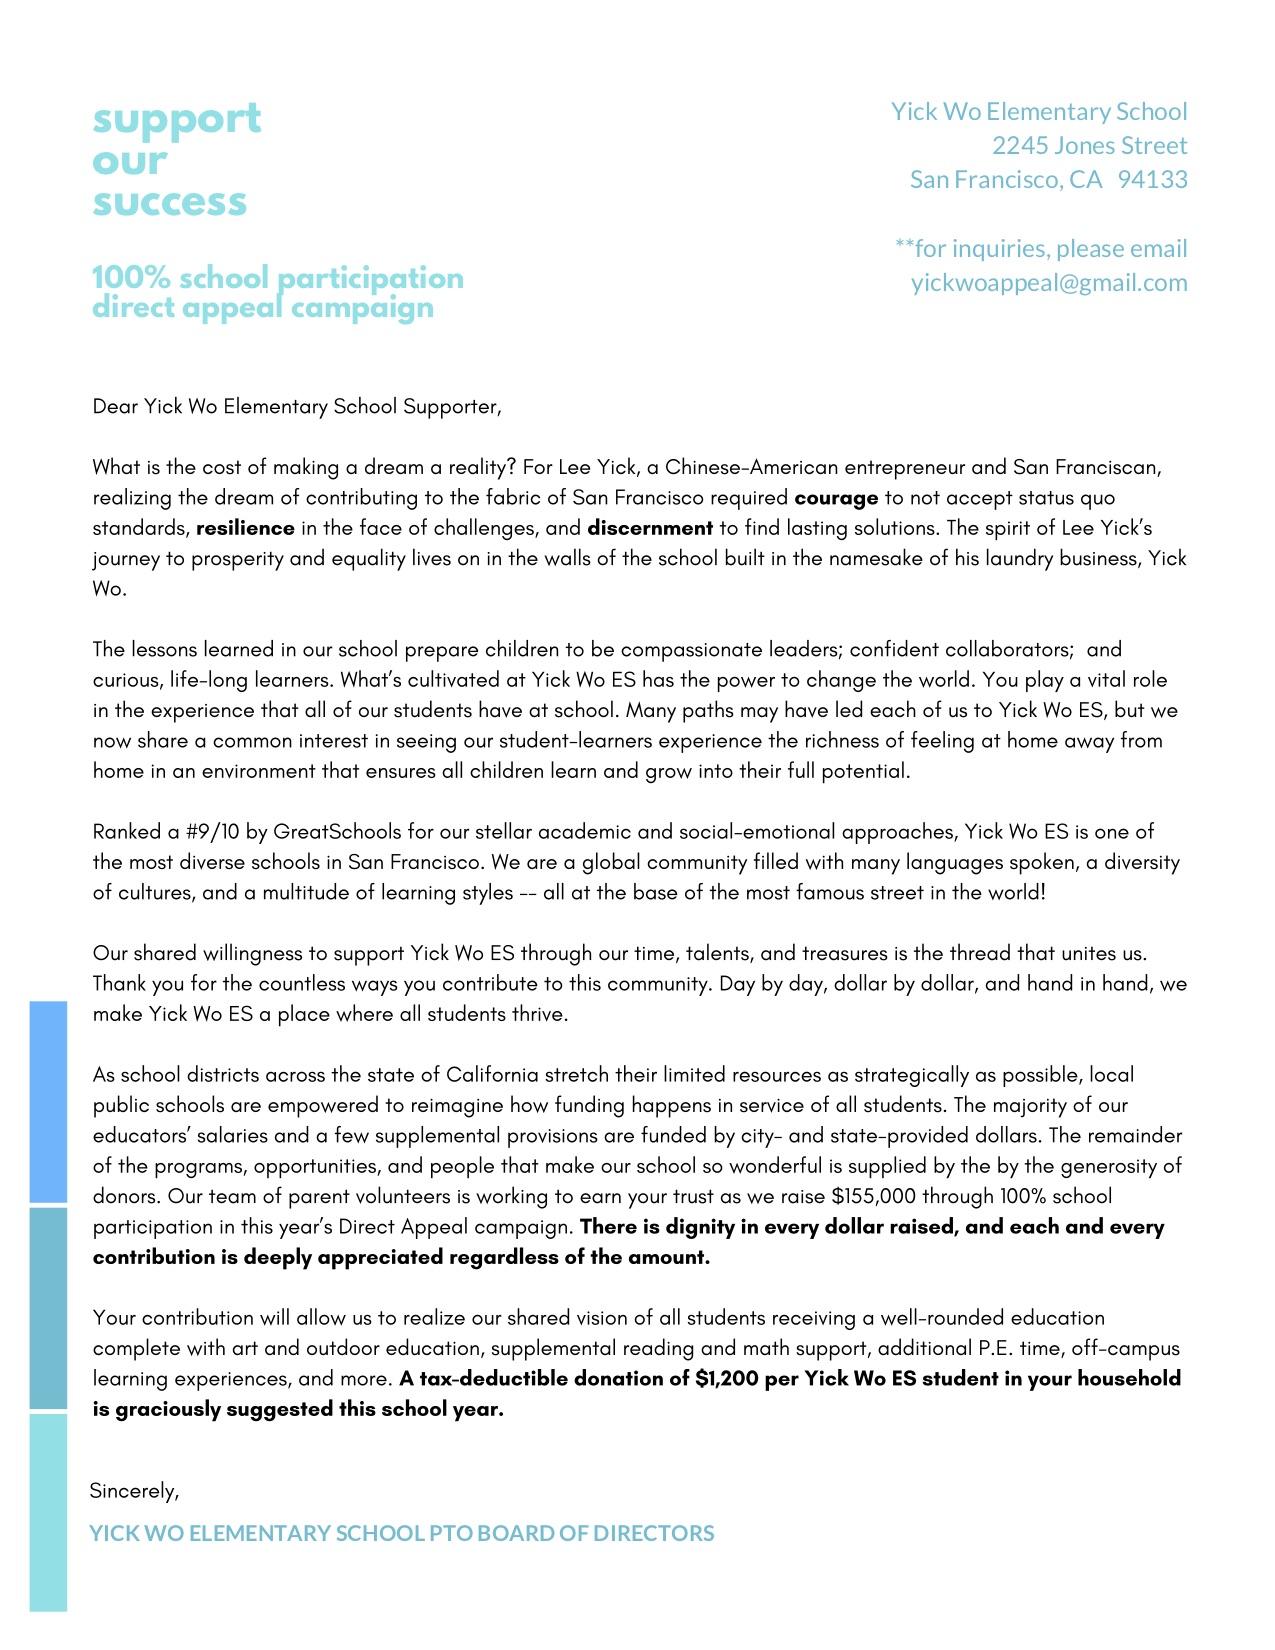 YW ES 19 - 20 DA Letter_English_FINAL.jpg